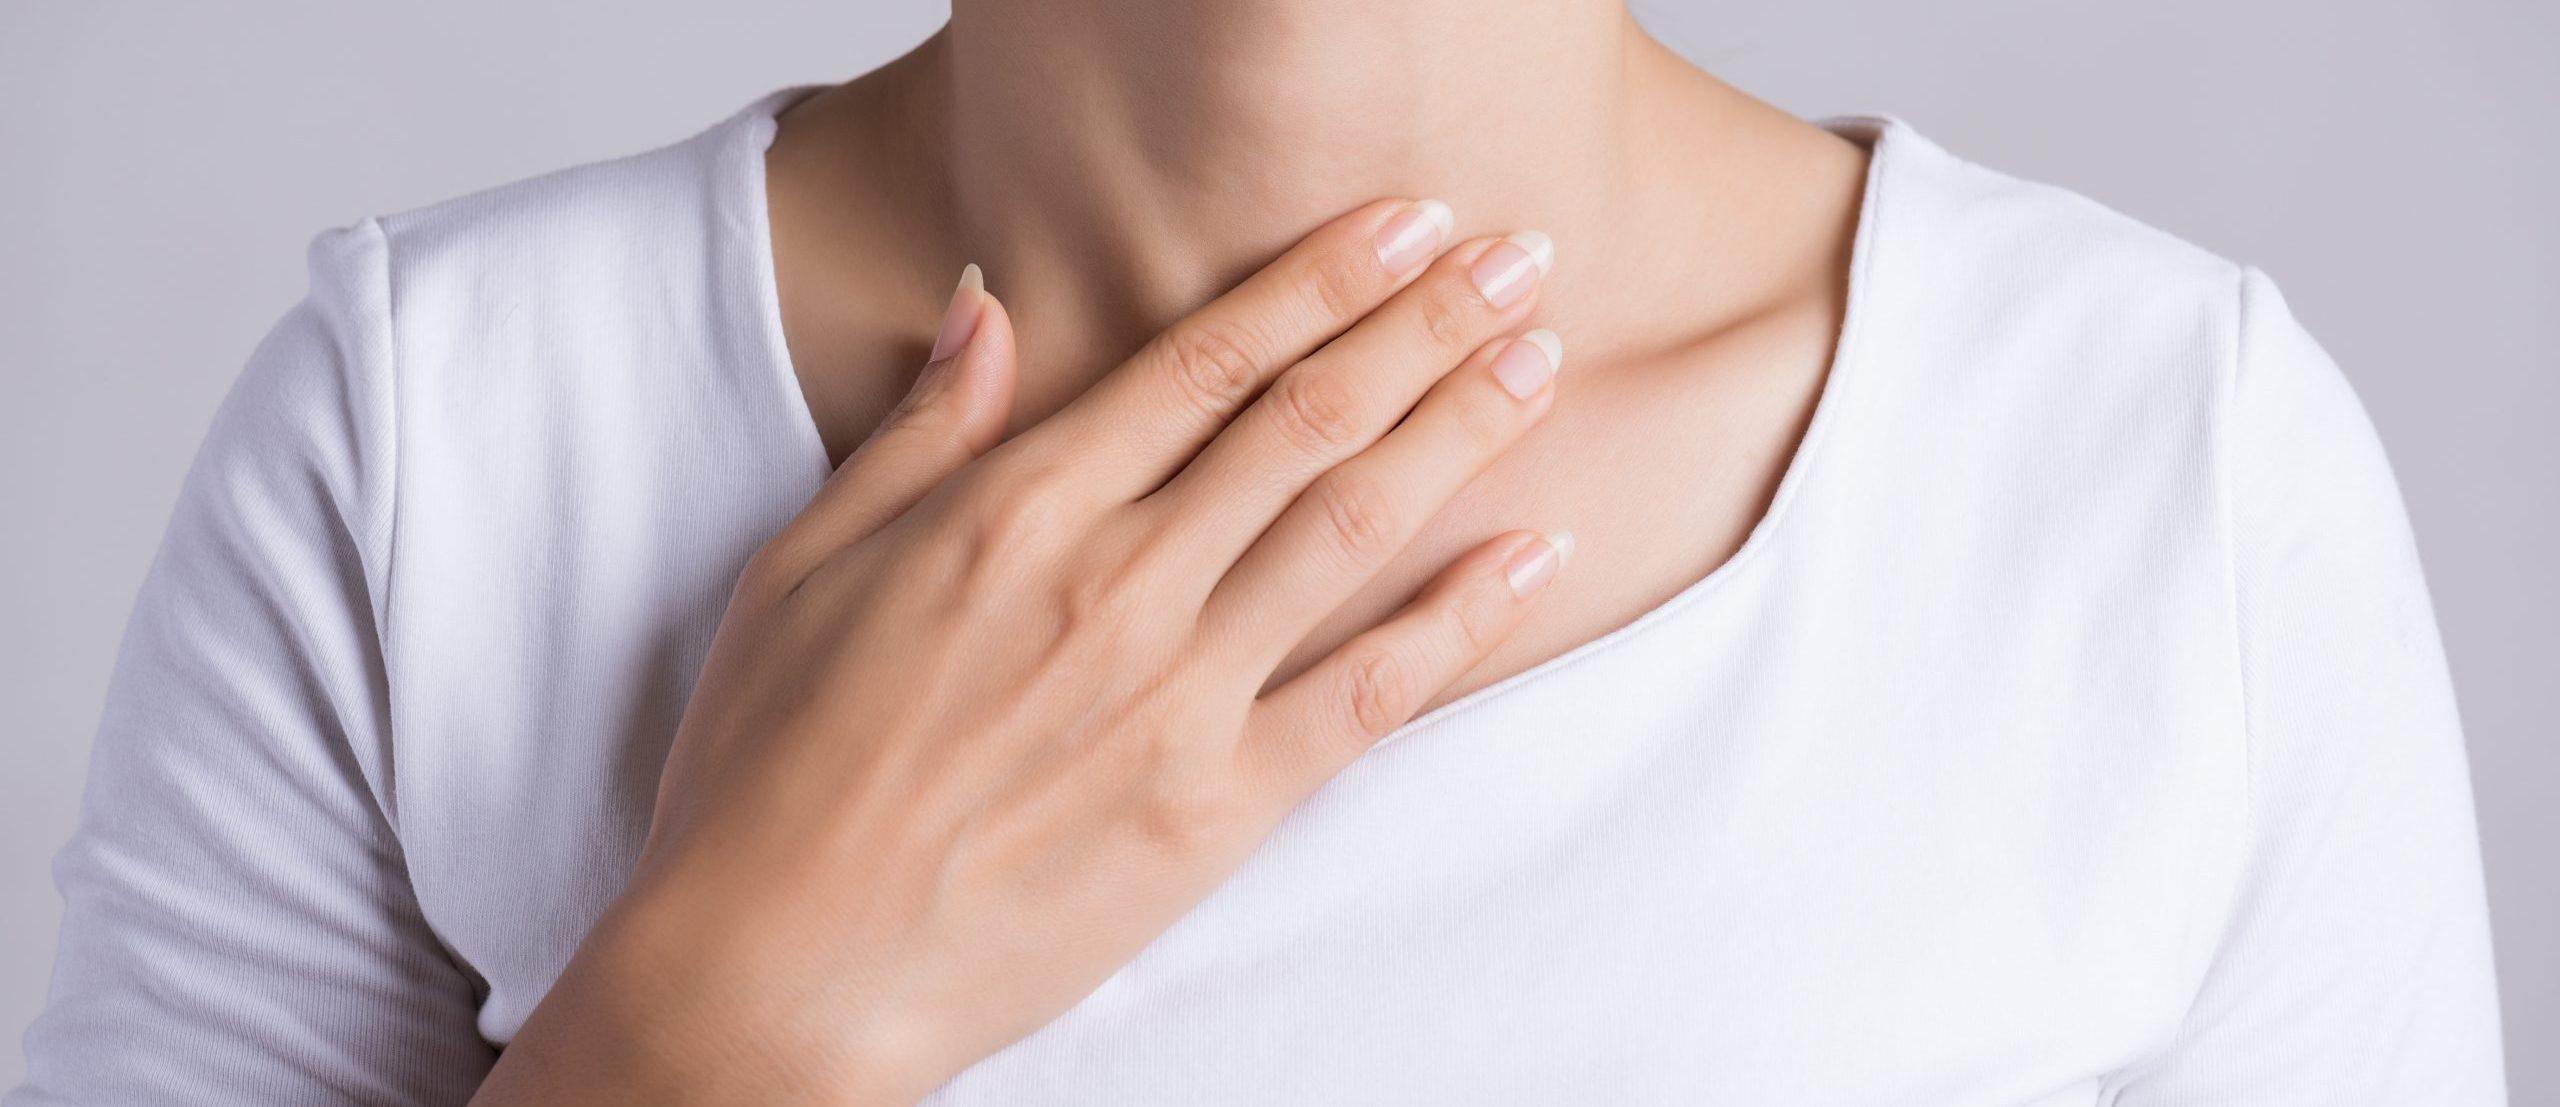 Sodbrennen Magensäure Reflux Magenschmerzen PPI Protonenpumpenhemmer